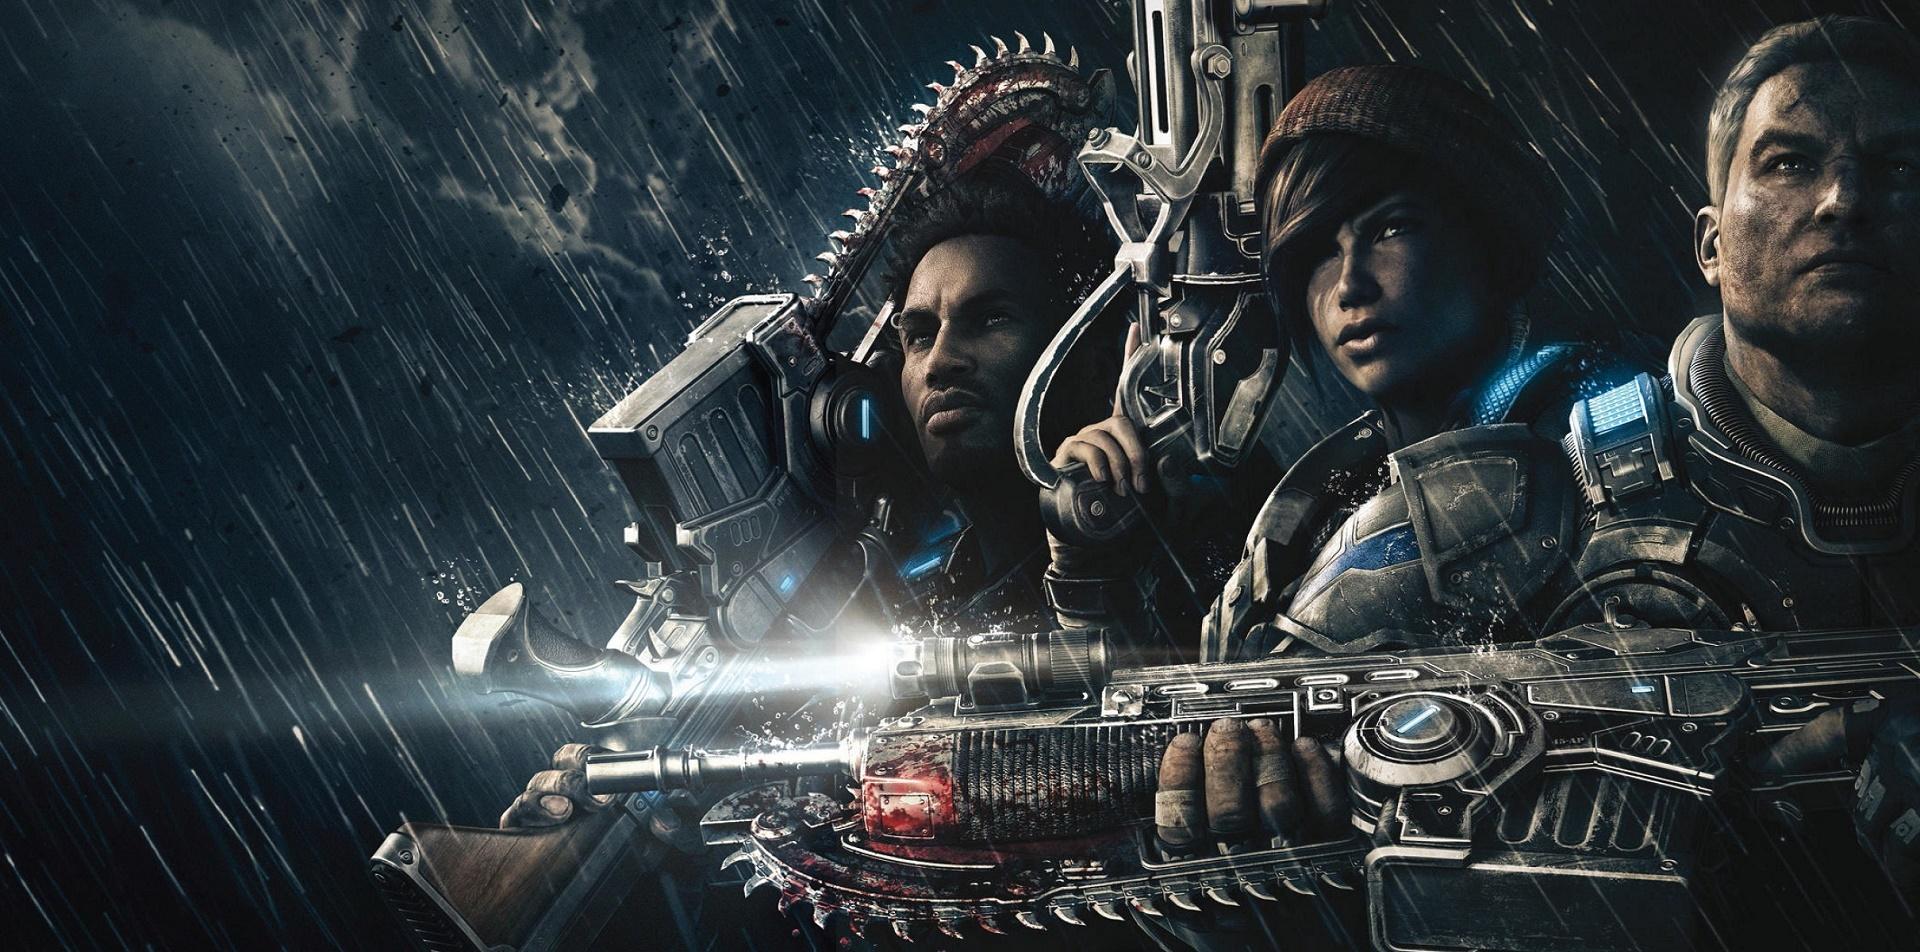 Fondos de gears of war 4 wallpapers hd gears of war 4 gratis - Wallpaper gears of war 4 ...